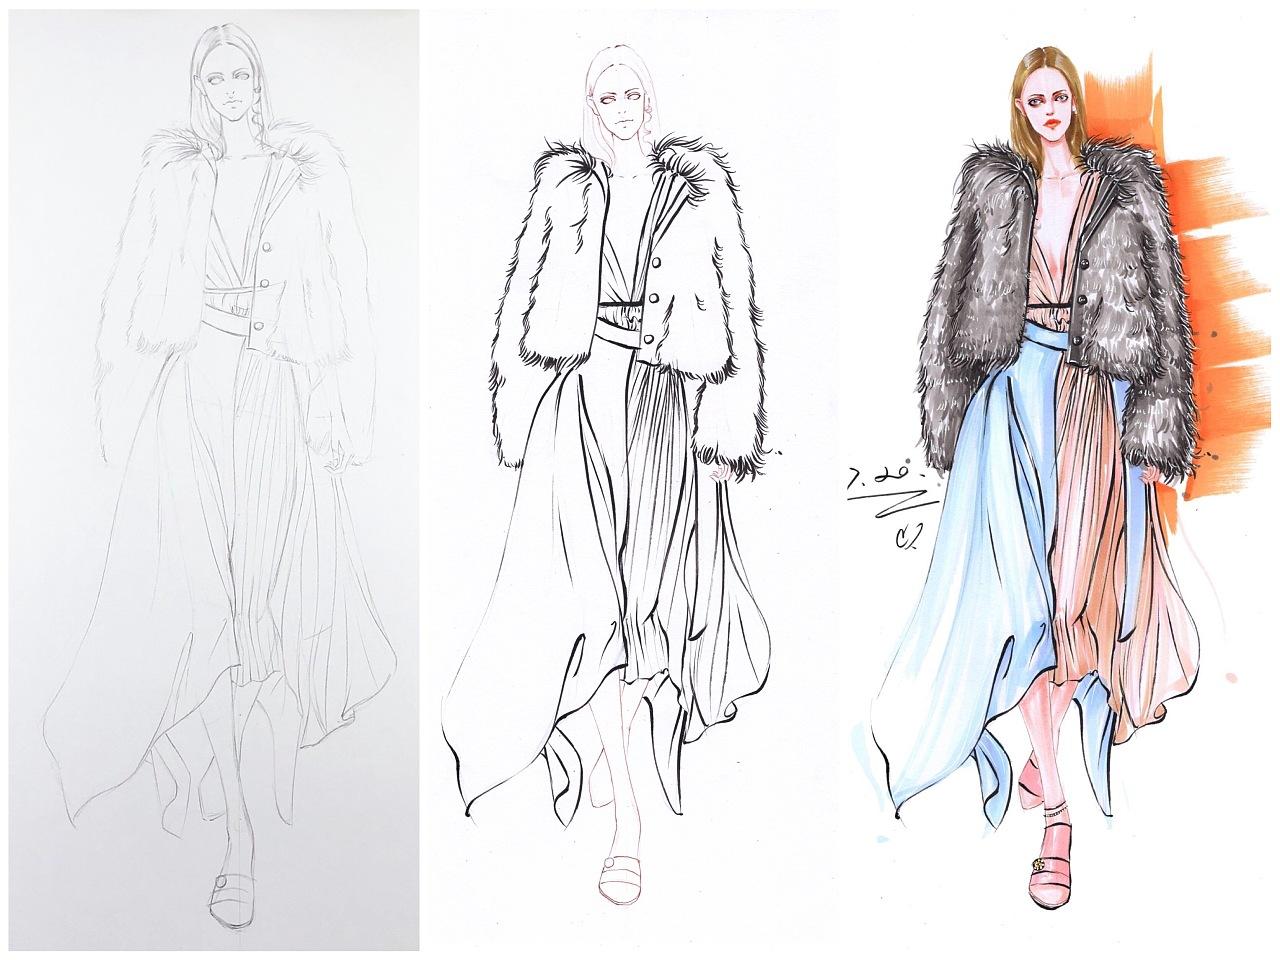 服装设计手绘~马克笔时装画步骤图|服装|休闲/流行图片